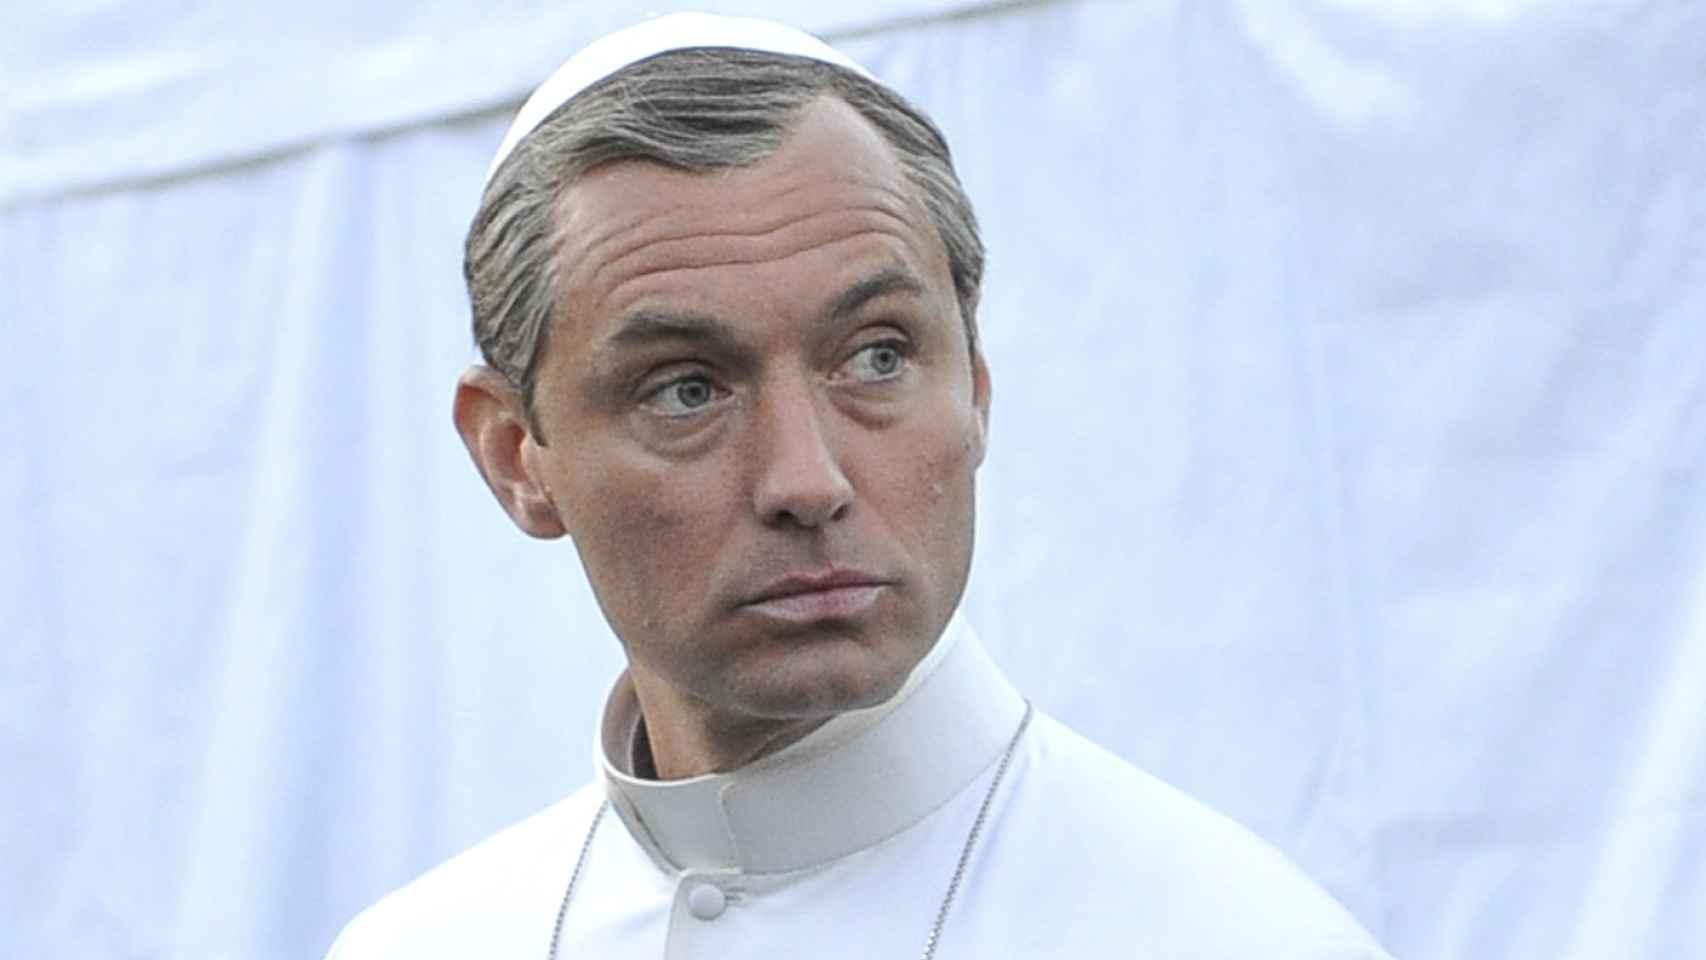 Jude Law en el set de rodaje de The Young Pope en Venecia